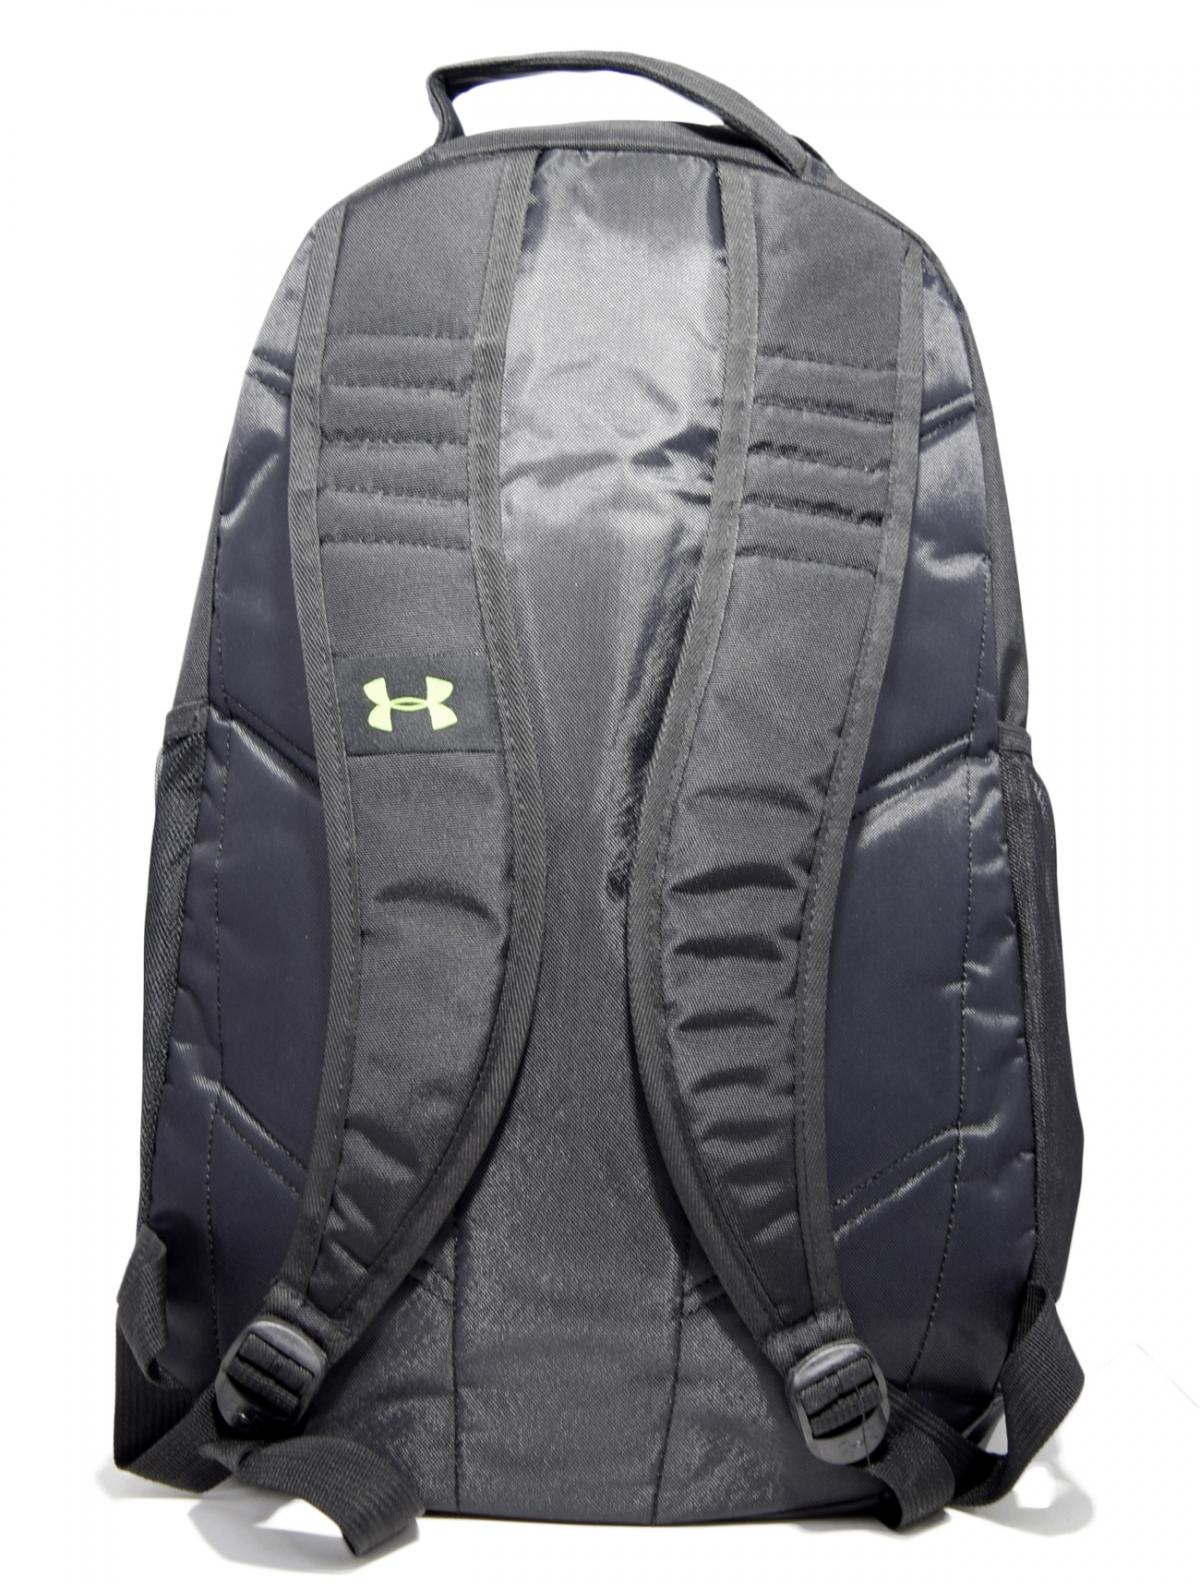 Рюкзак 4-48 рюкзак черный,